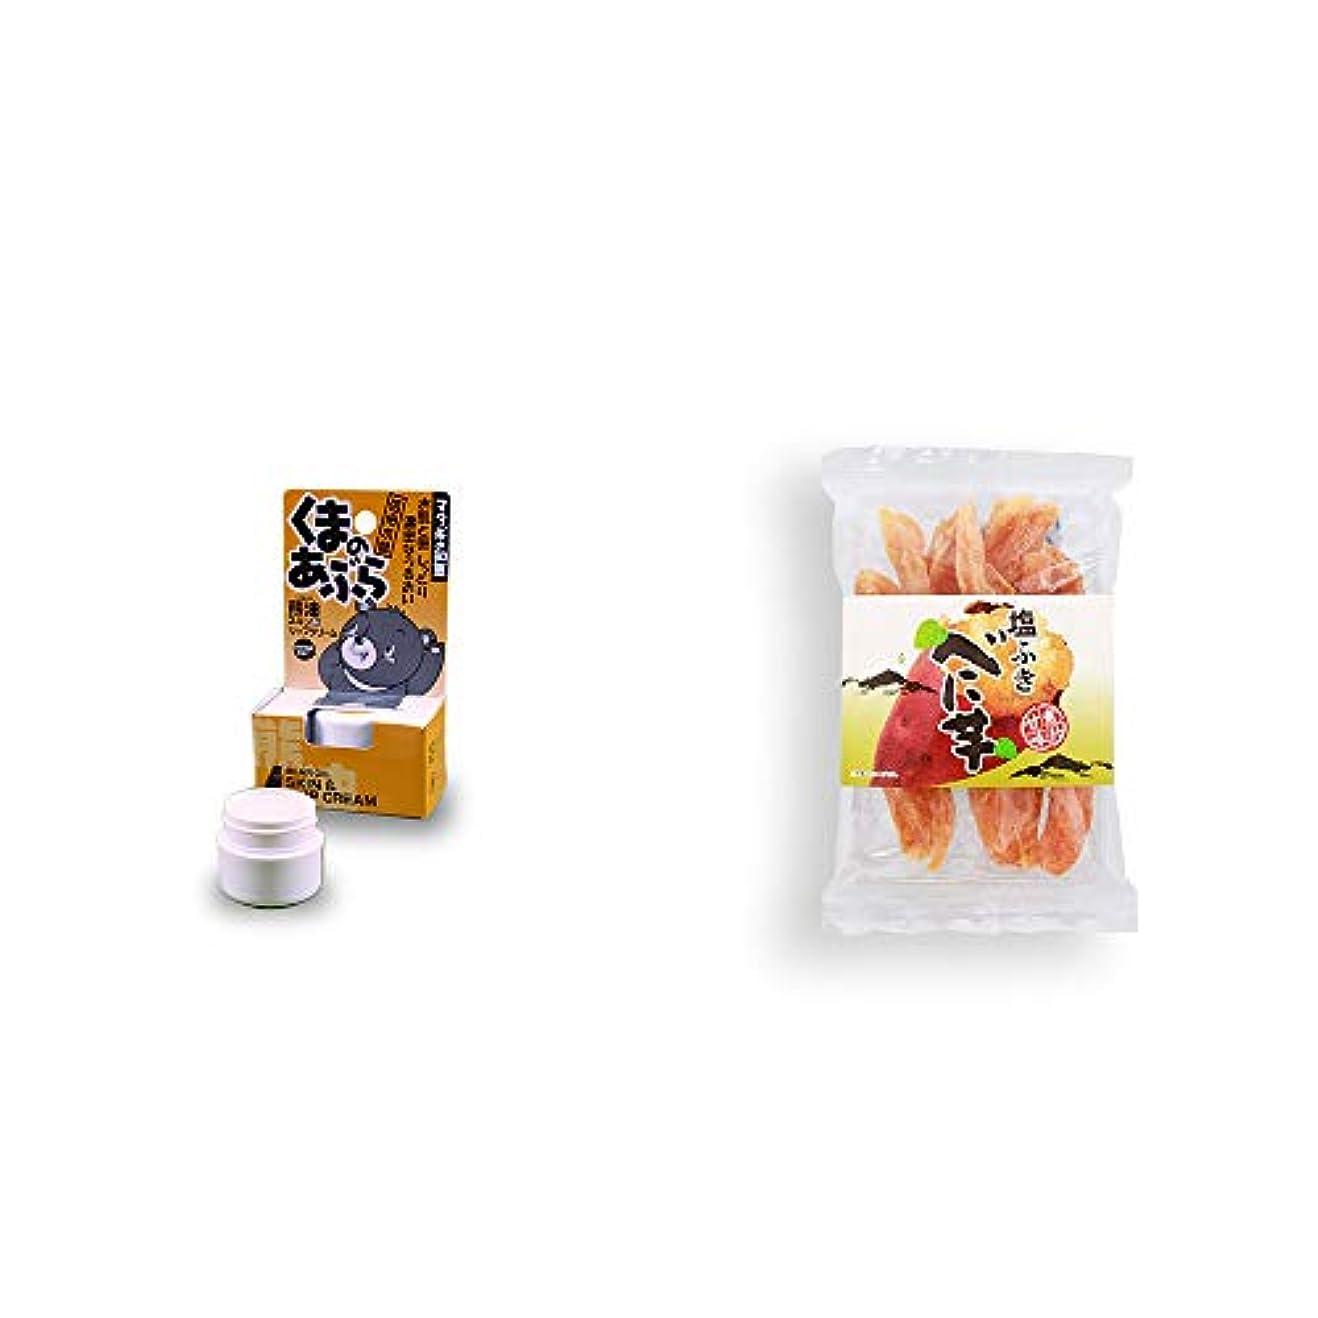 議題ブランチメイト[2点セット] 信州木曽 くまのあぶら 熊油スキン&リップクリーム(9g)?塩ふき べに芋(250g)